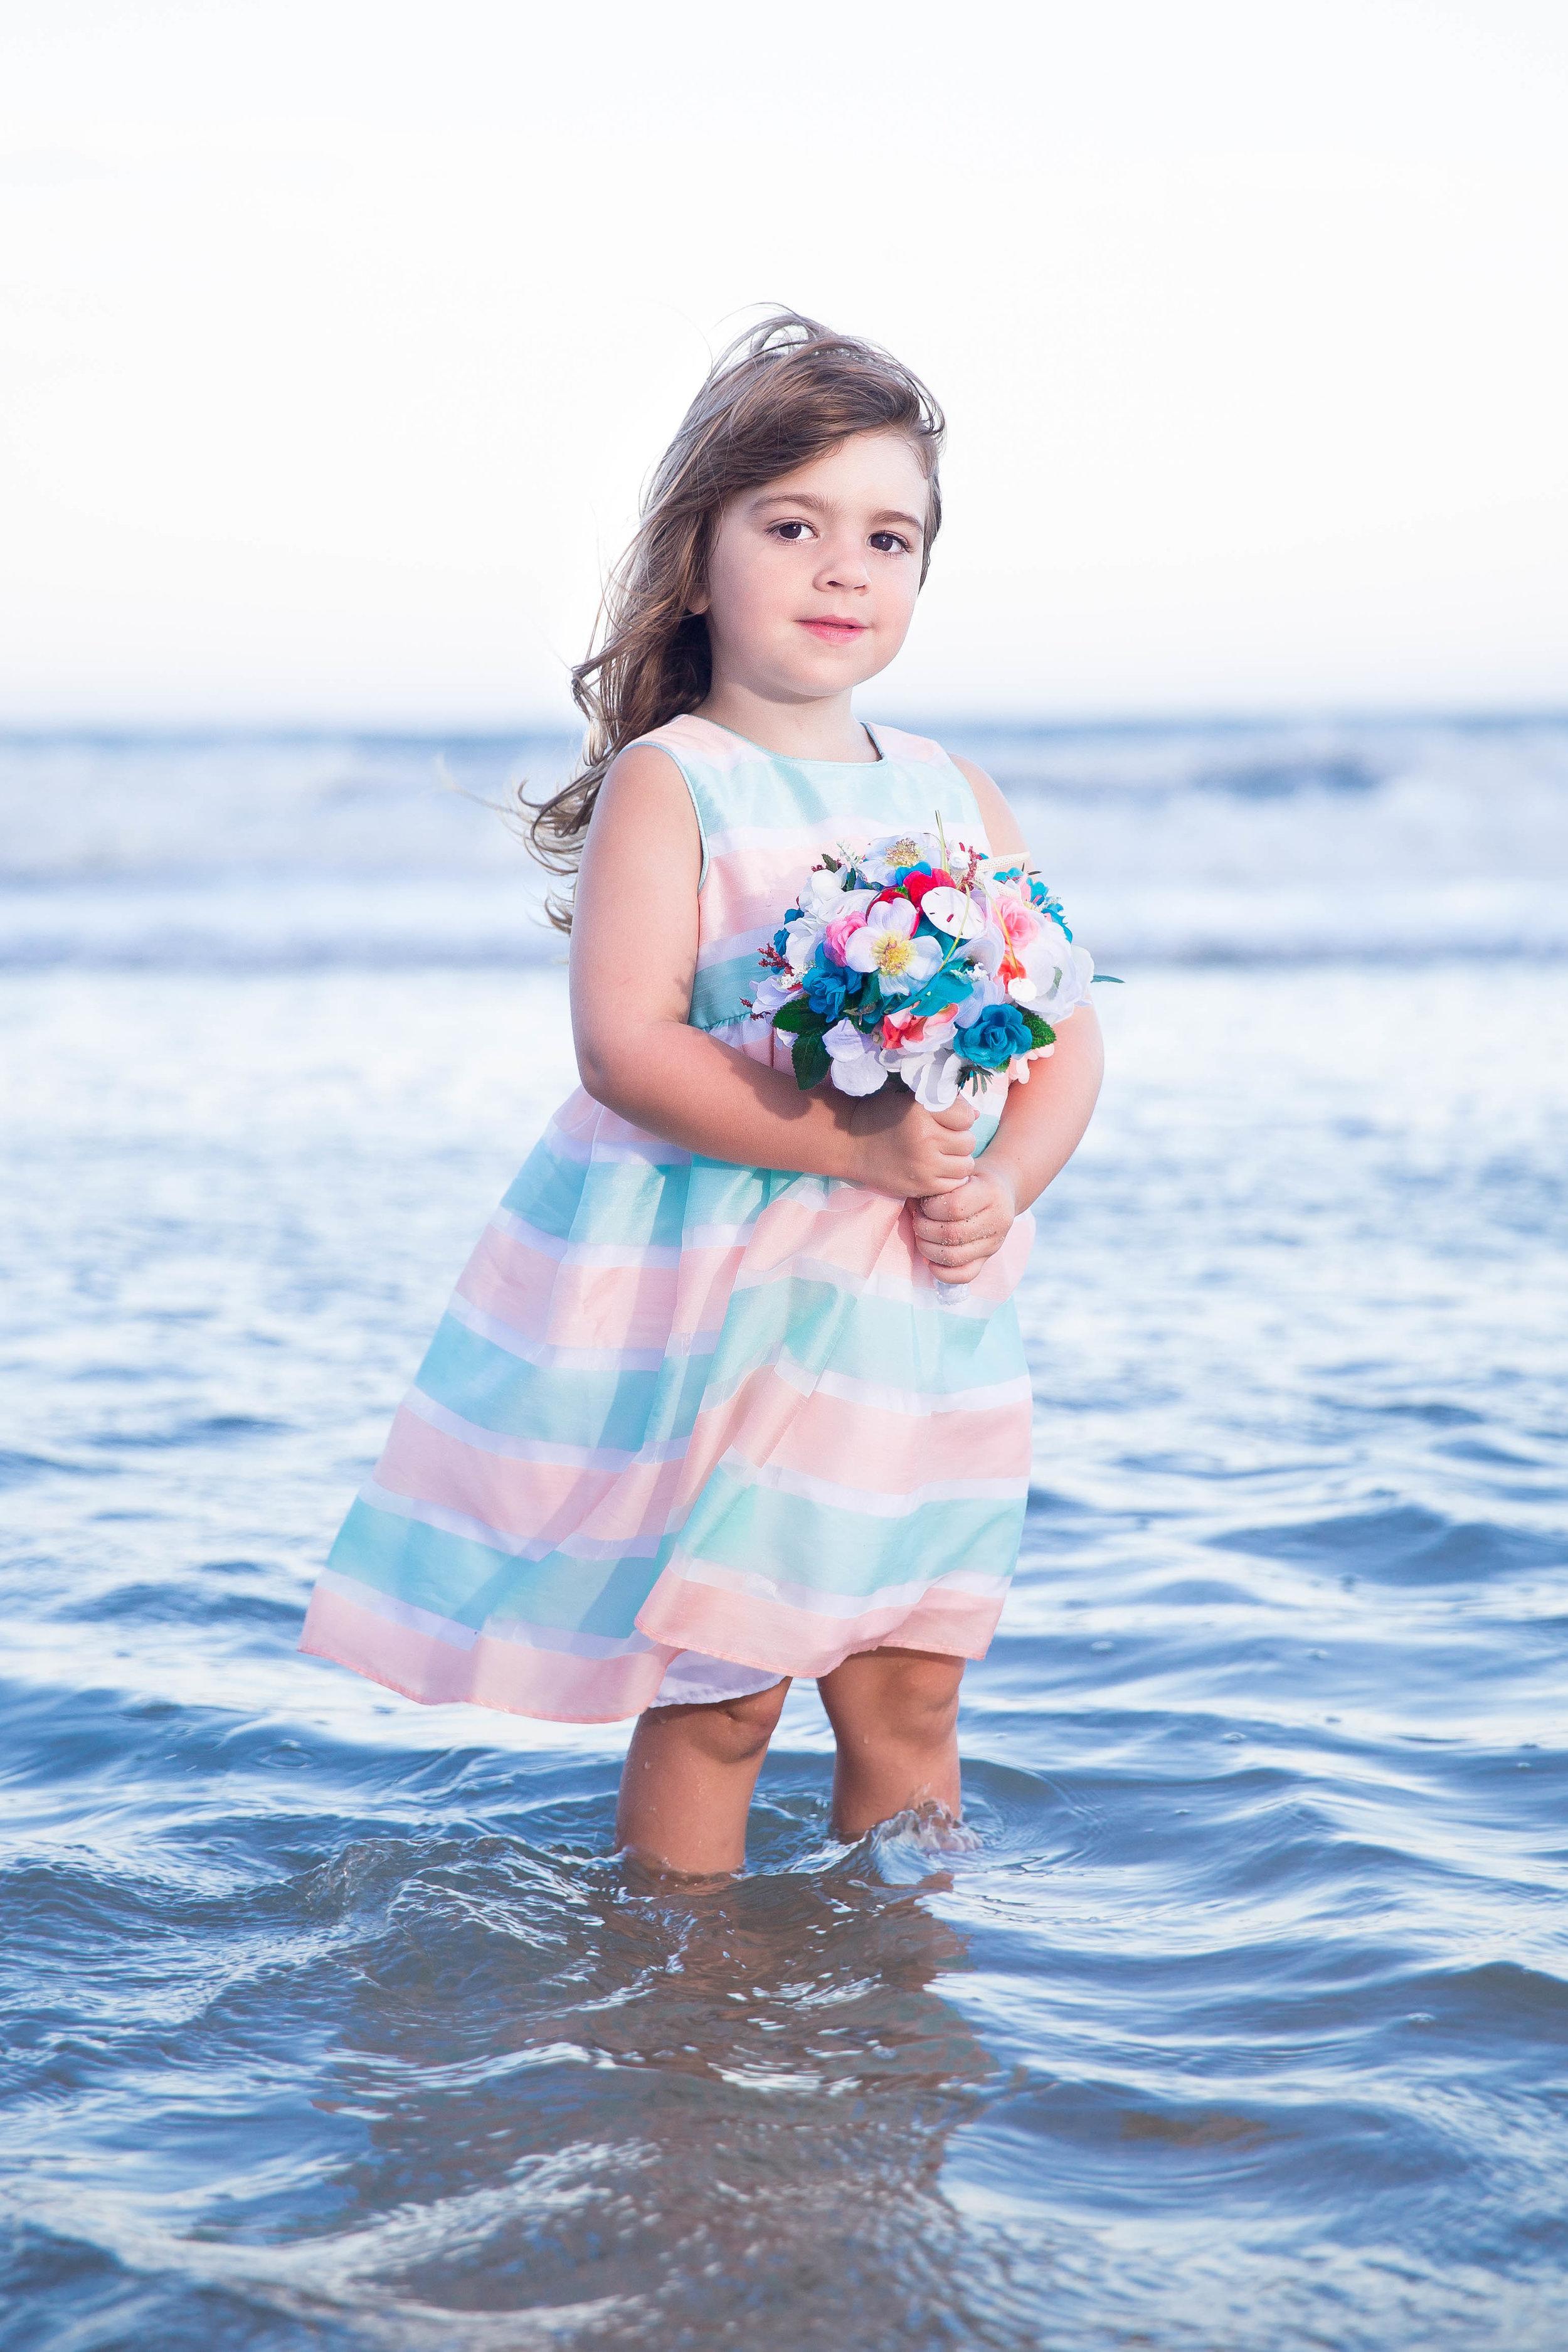 Myrtle beach family photographer ramona nicolae photography beach photos-4.jpg